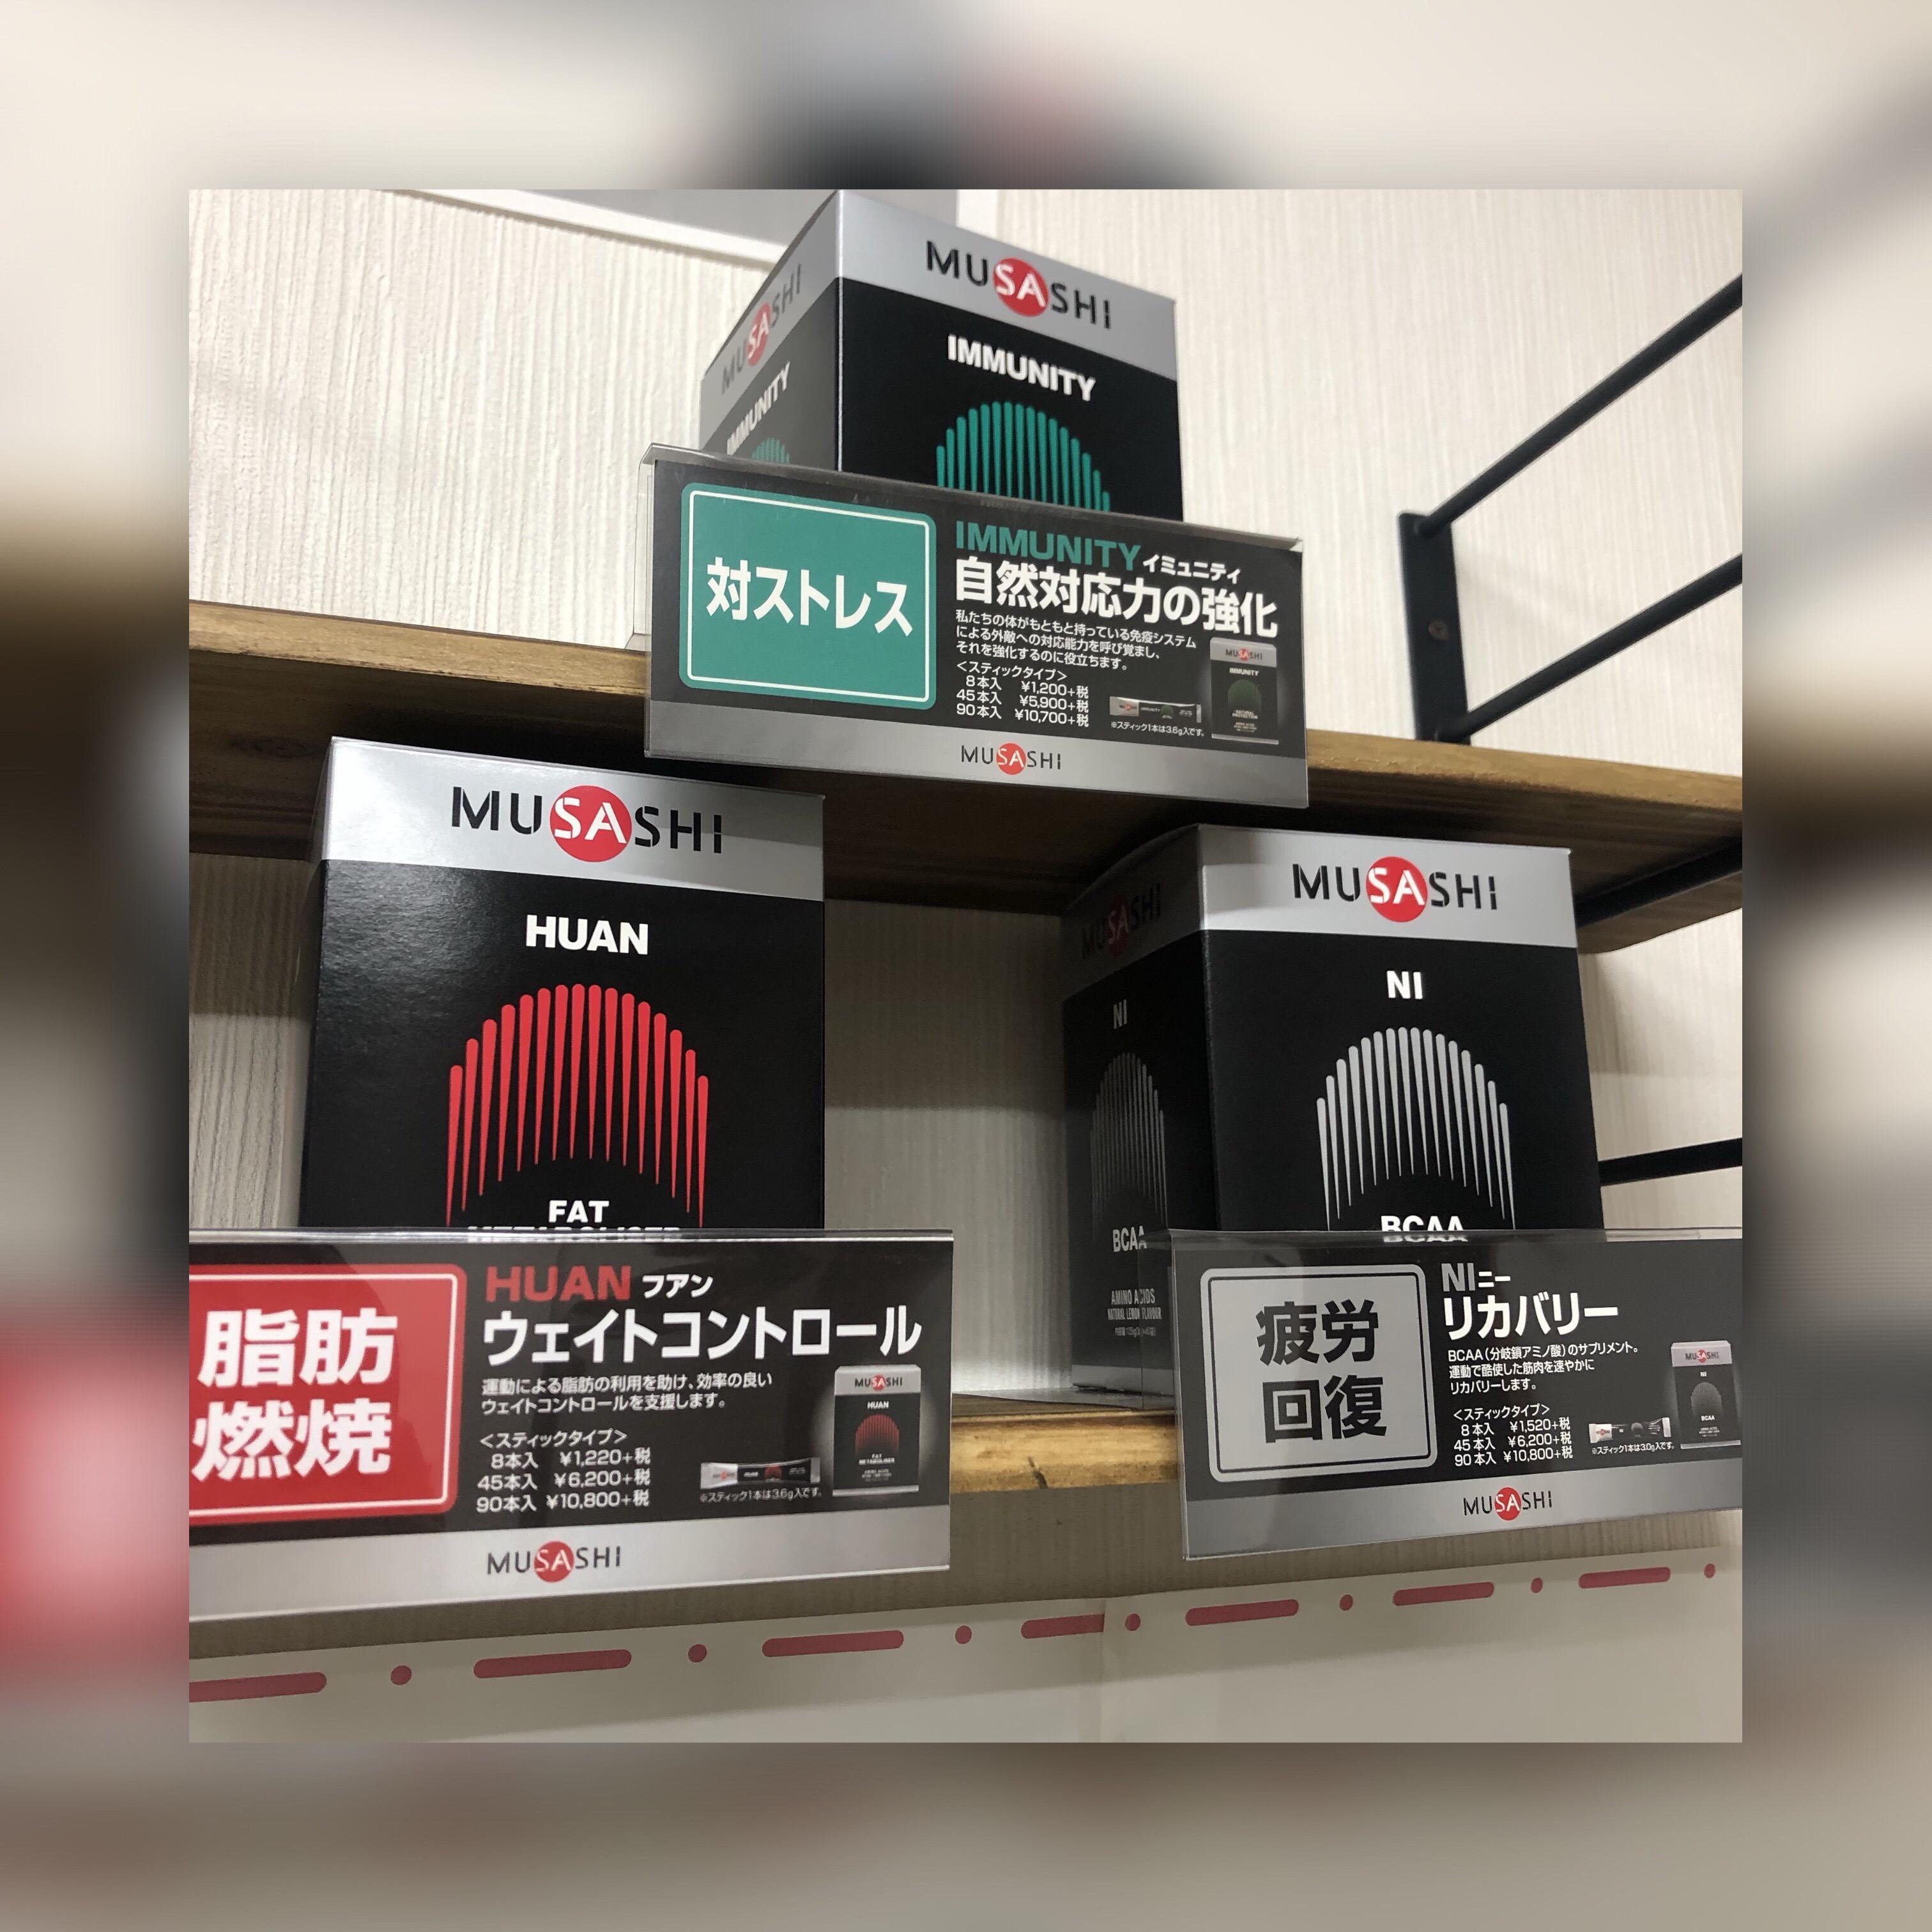 アミノ酸サプリメント【MUSASHI】